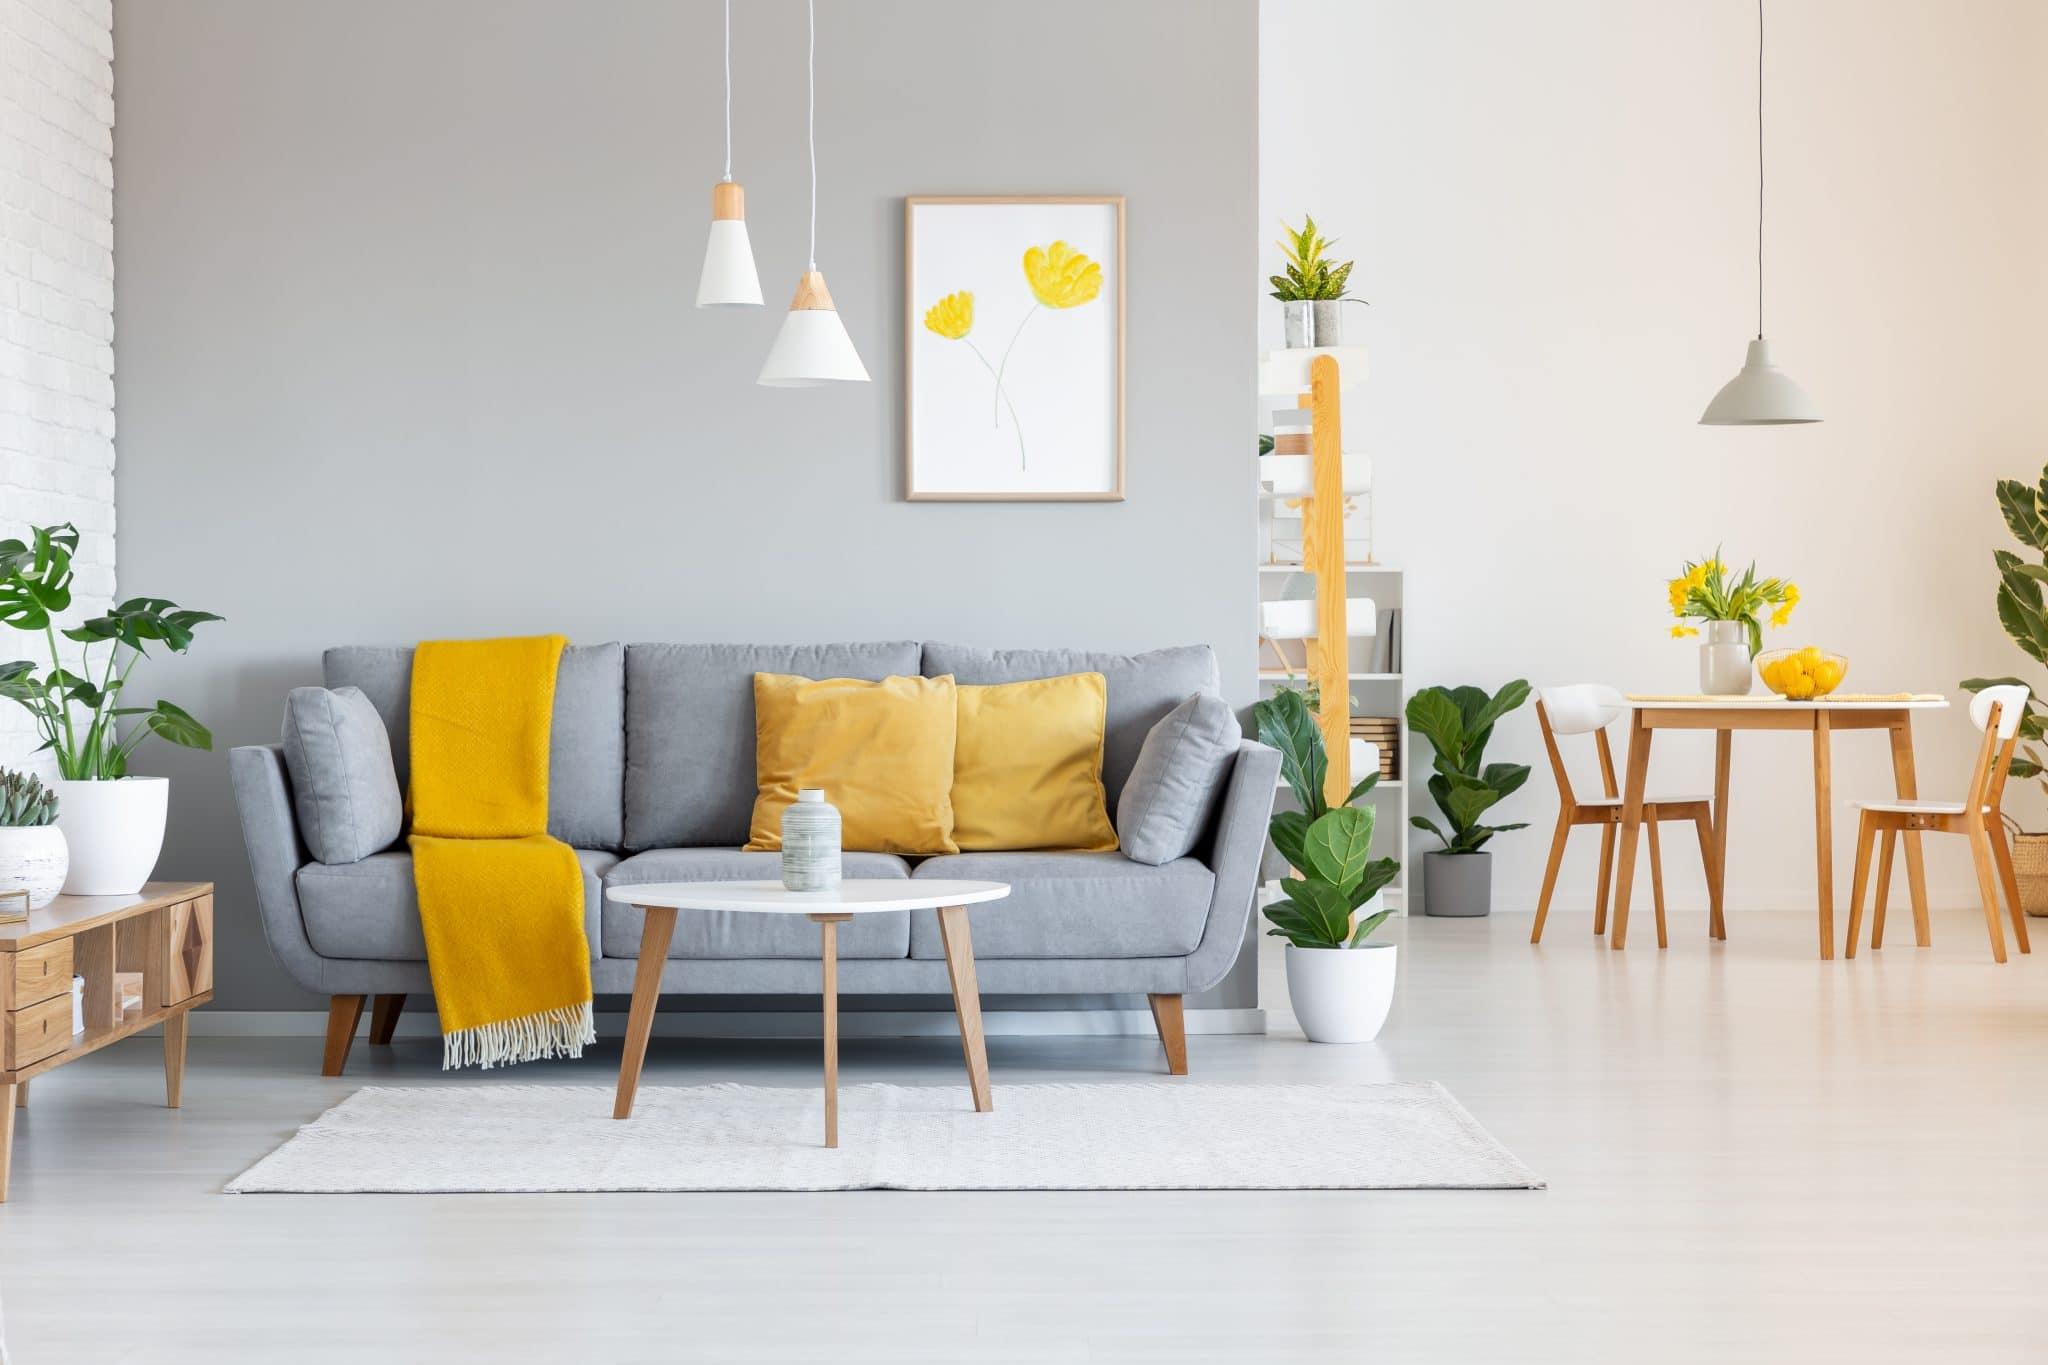 Rénovation d'appartement à Besançon (25)